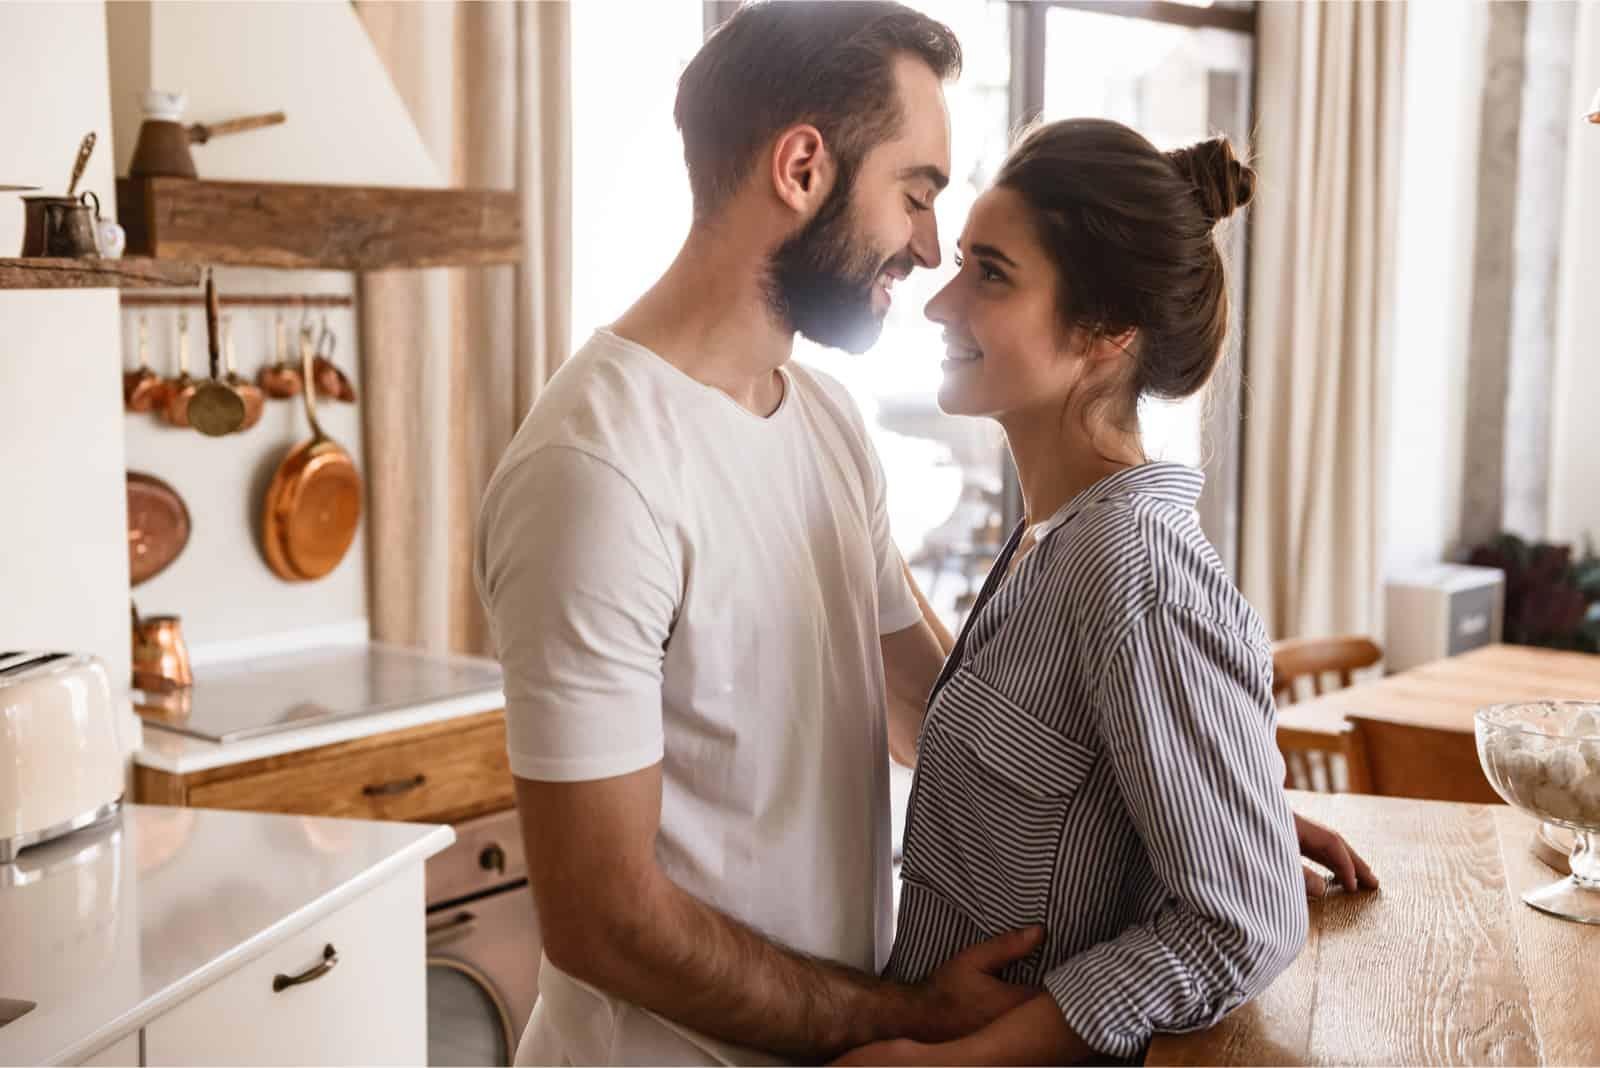 homme et femme établissant un contact visuel tout en se tenant à l'intérieur